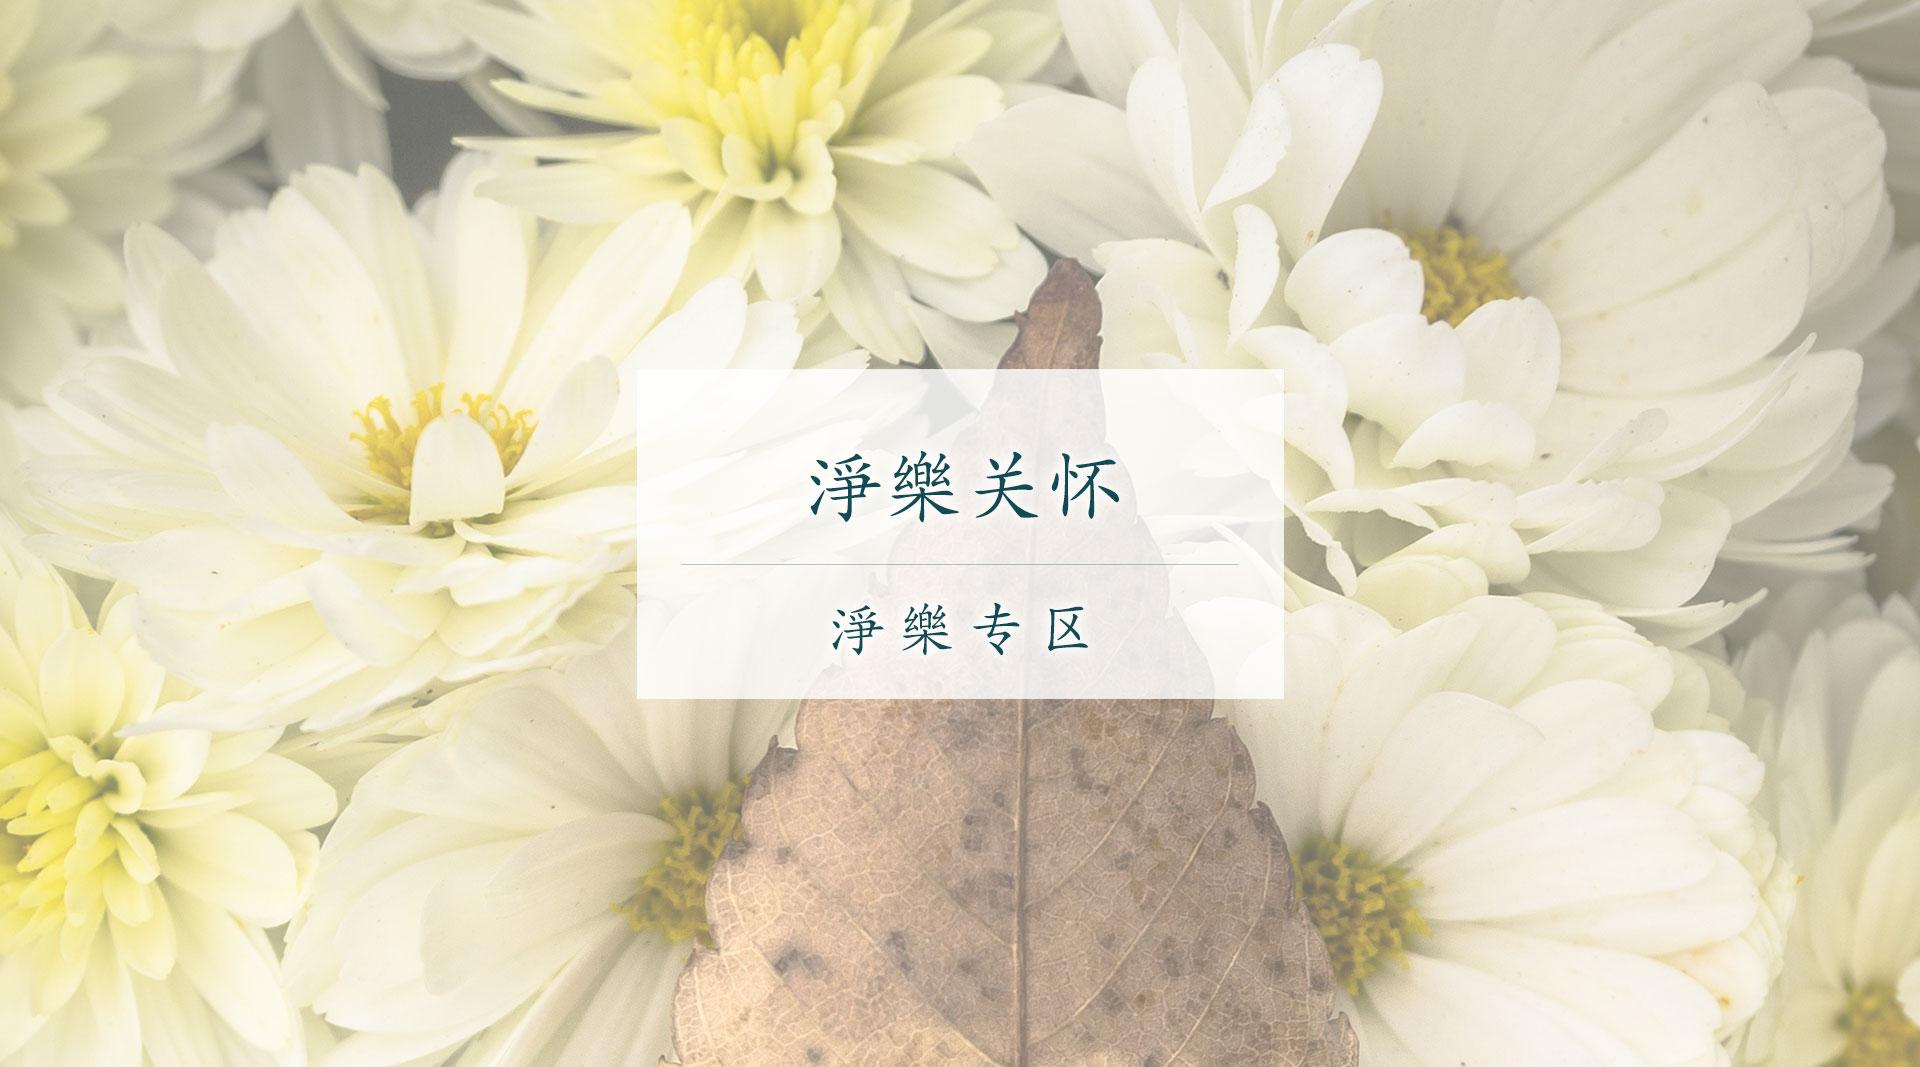 淨樂关怀-home-pic-2